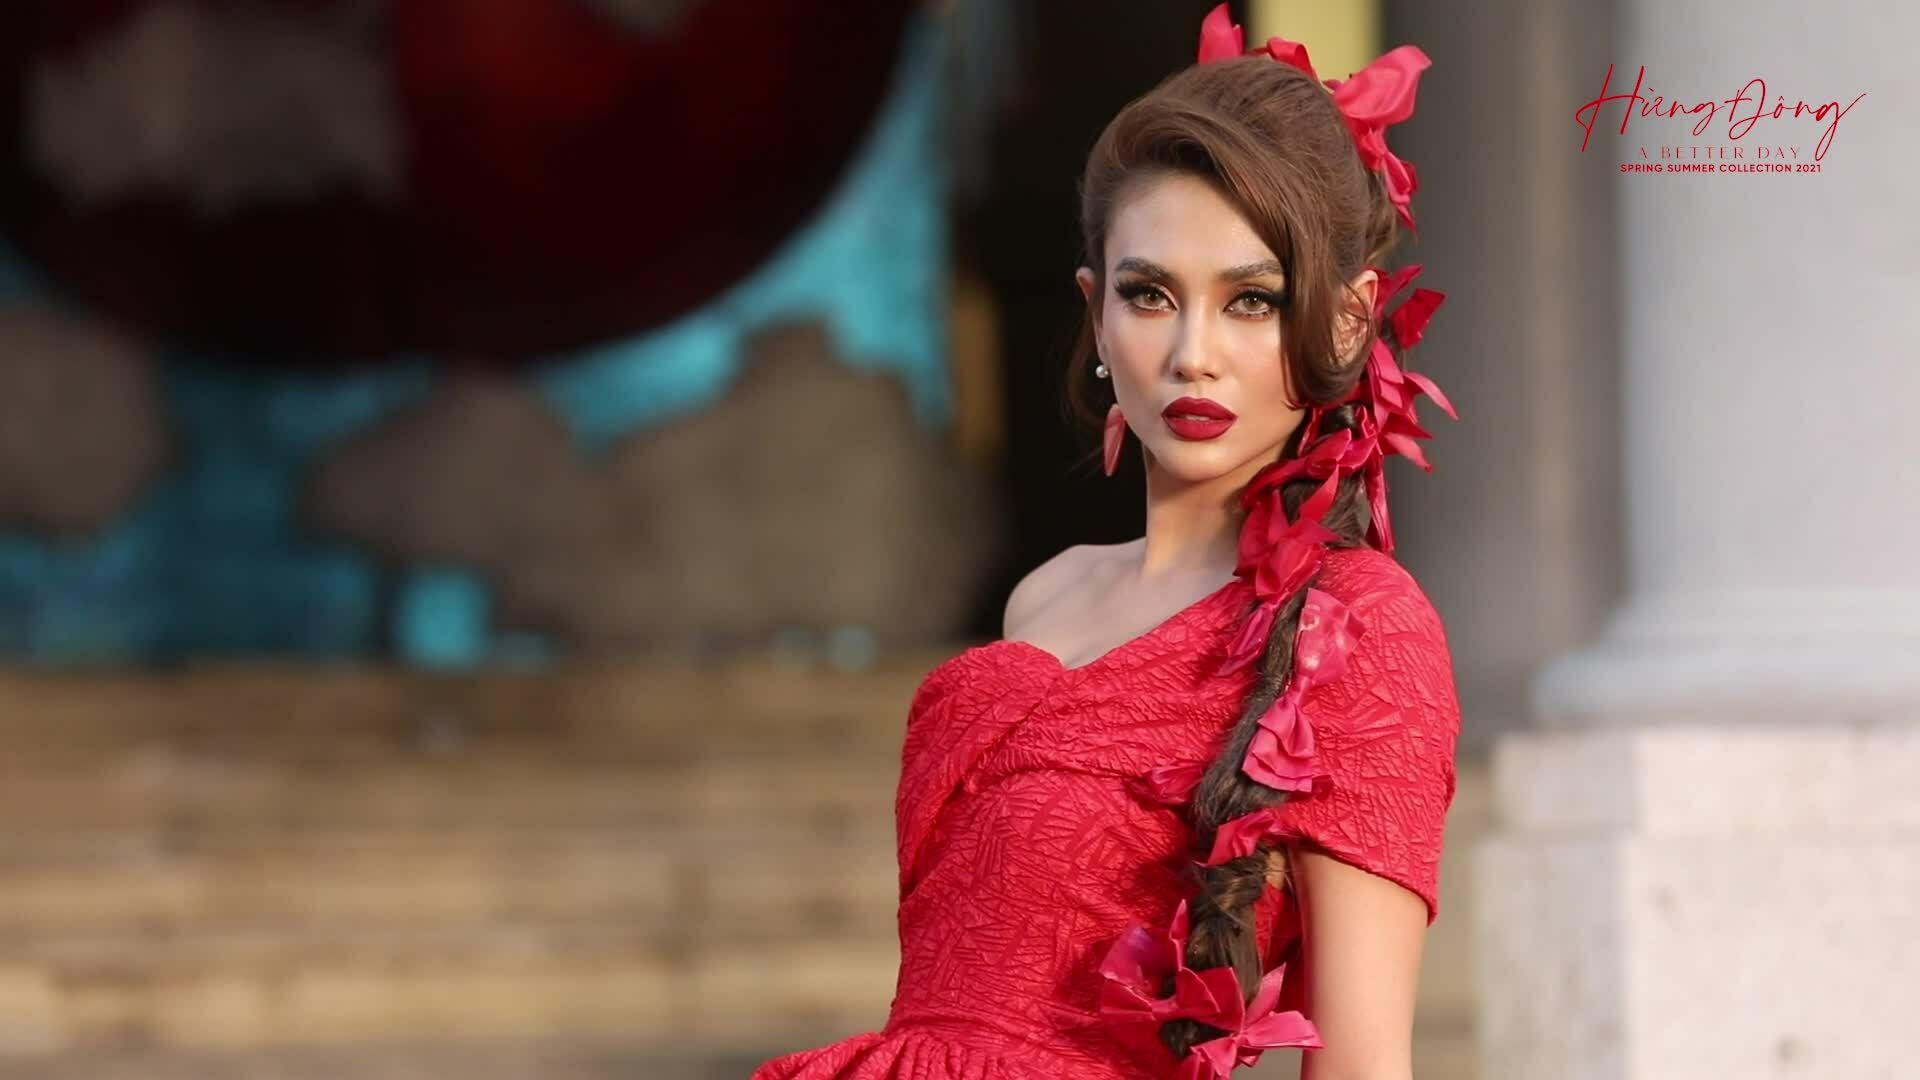 Võ Hoàng Yến catwalk show 'Hừng đông'